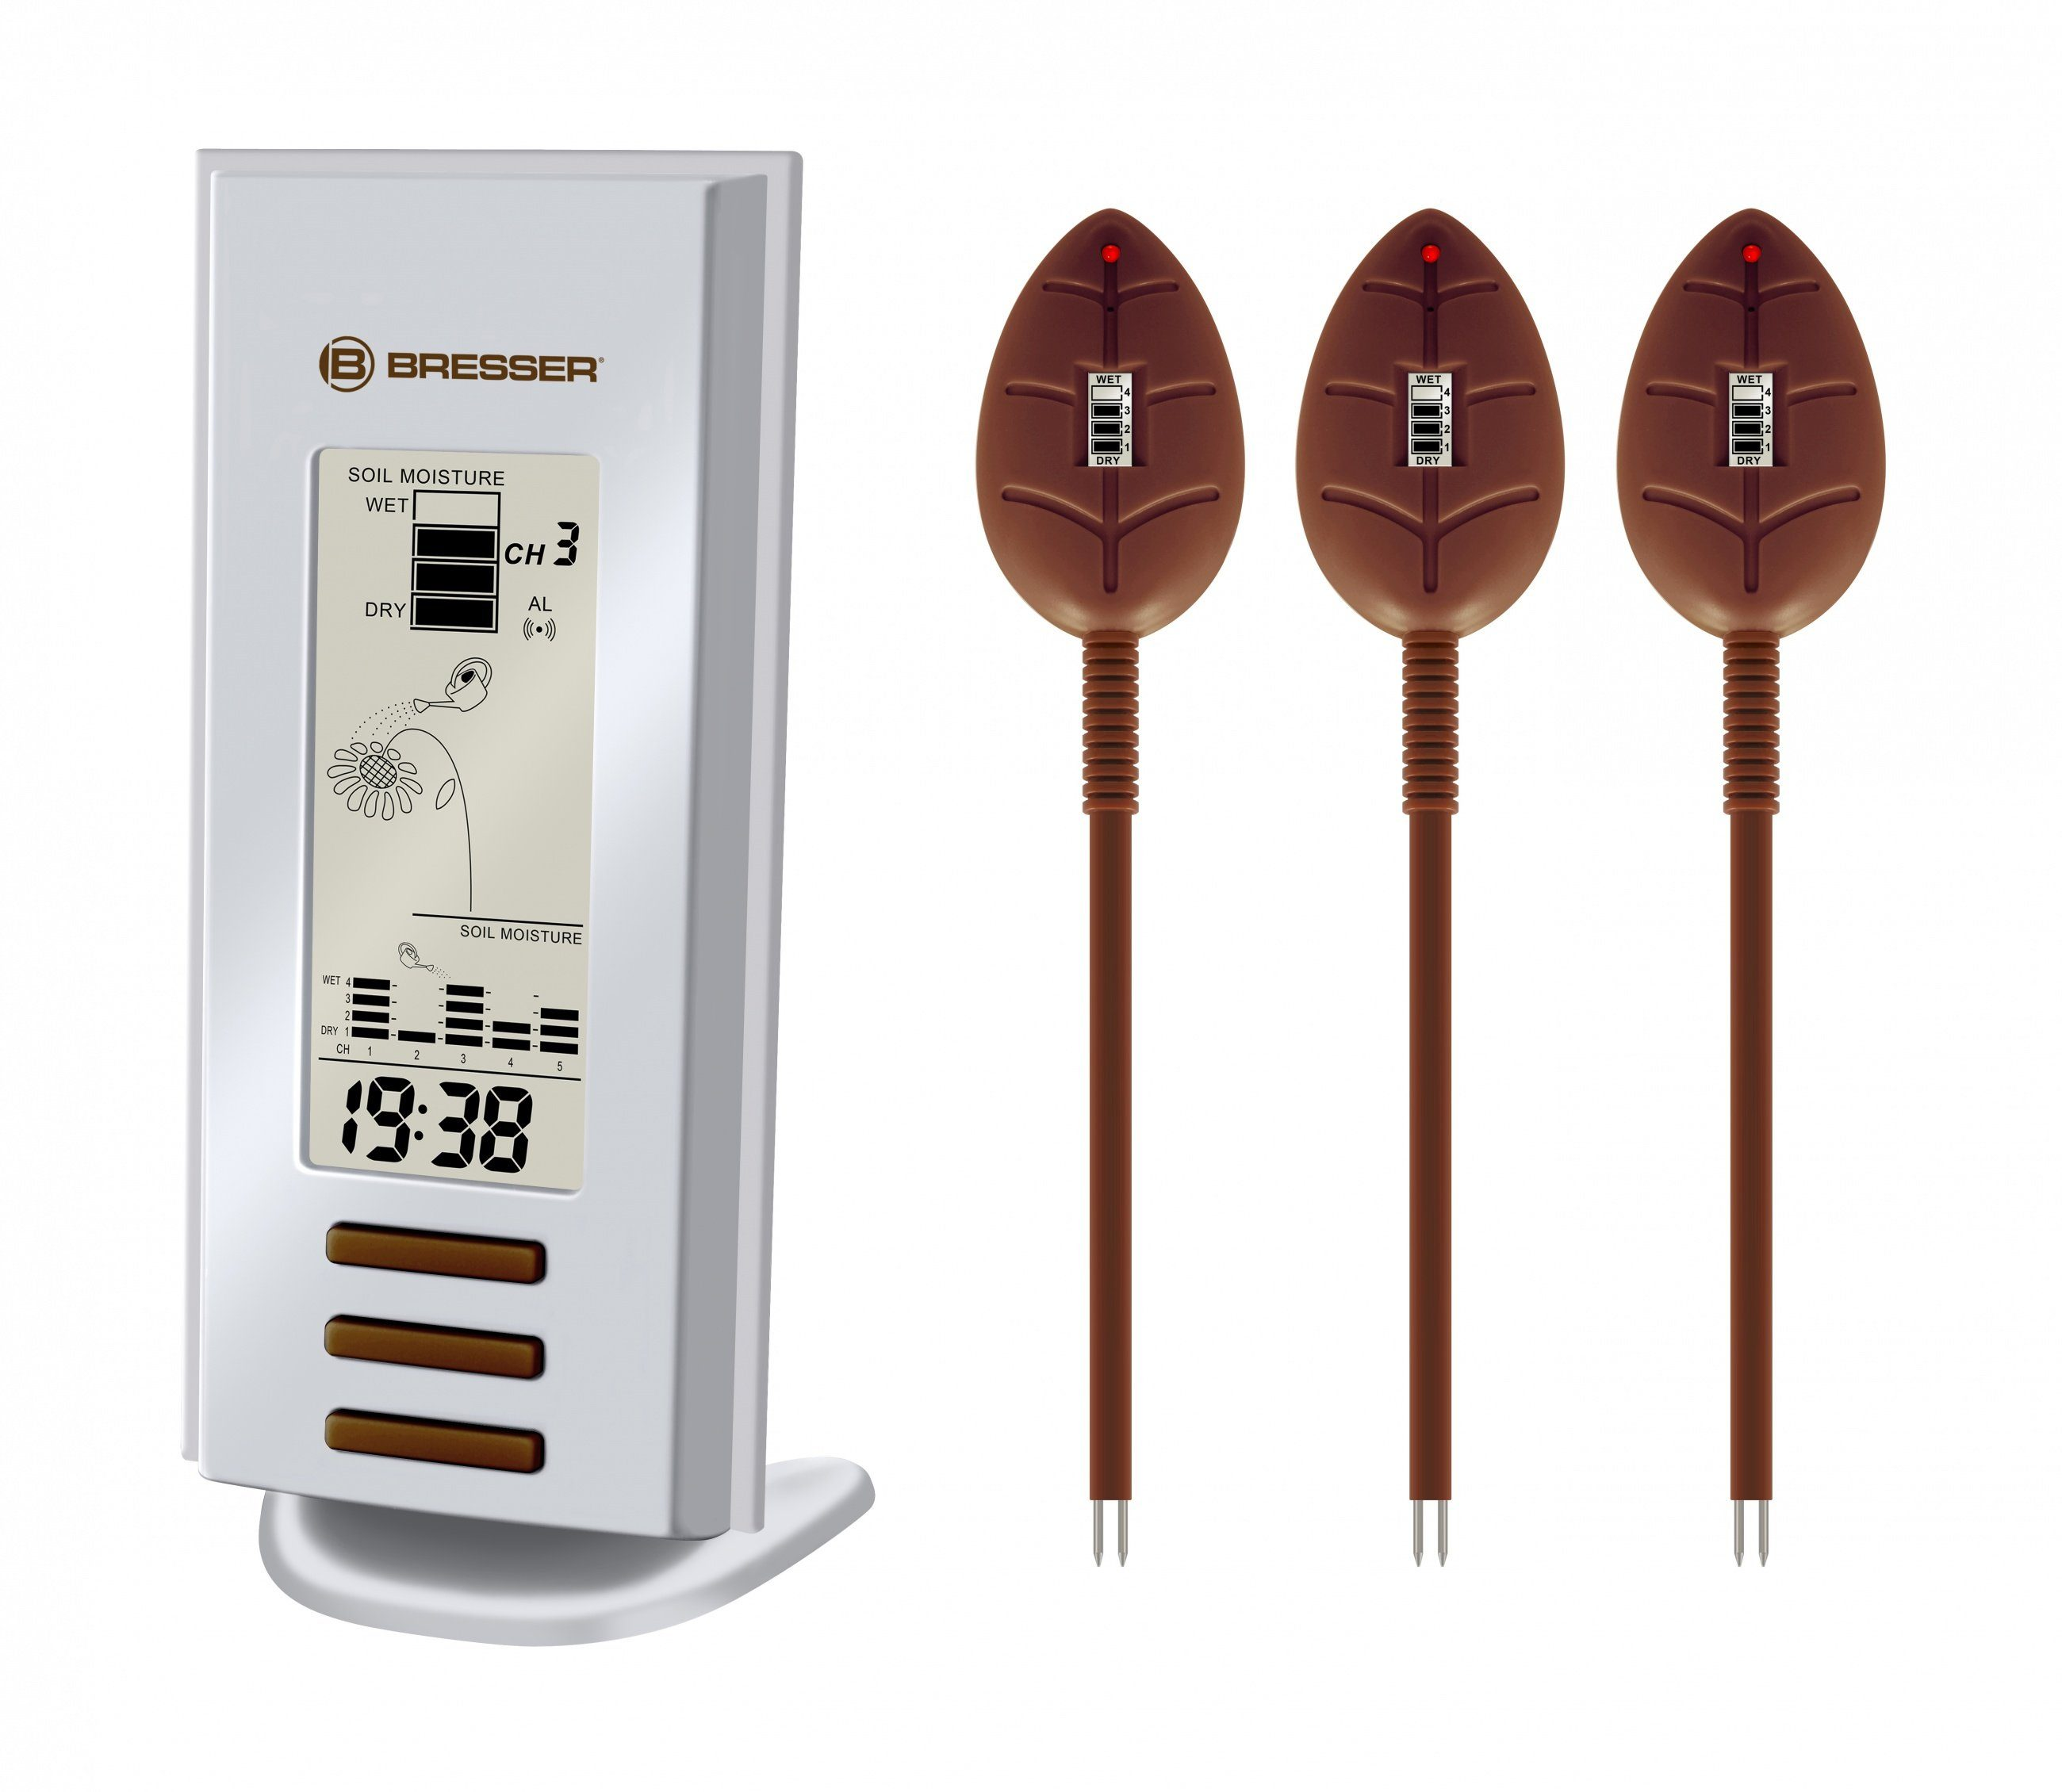 BRESSER Gießmelder »BRESSER Gießmelder mit 3 Sensoren«